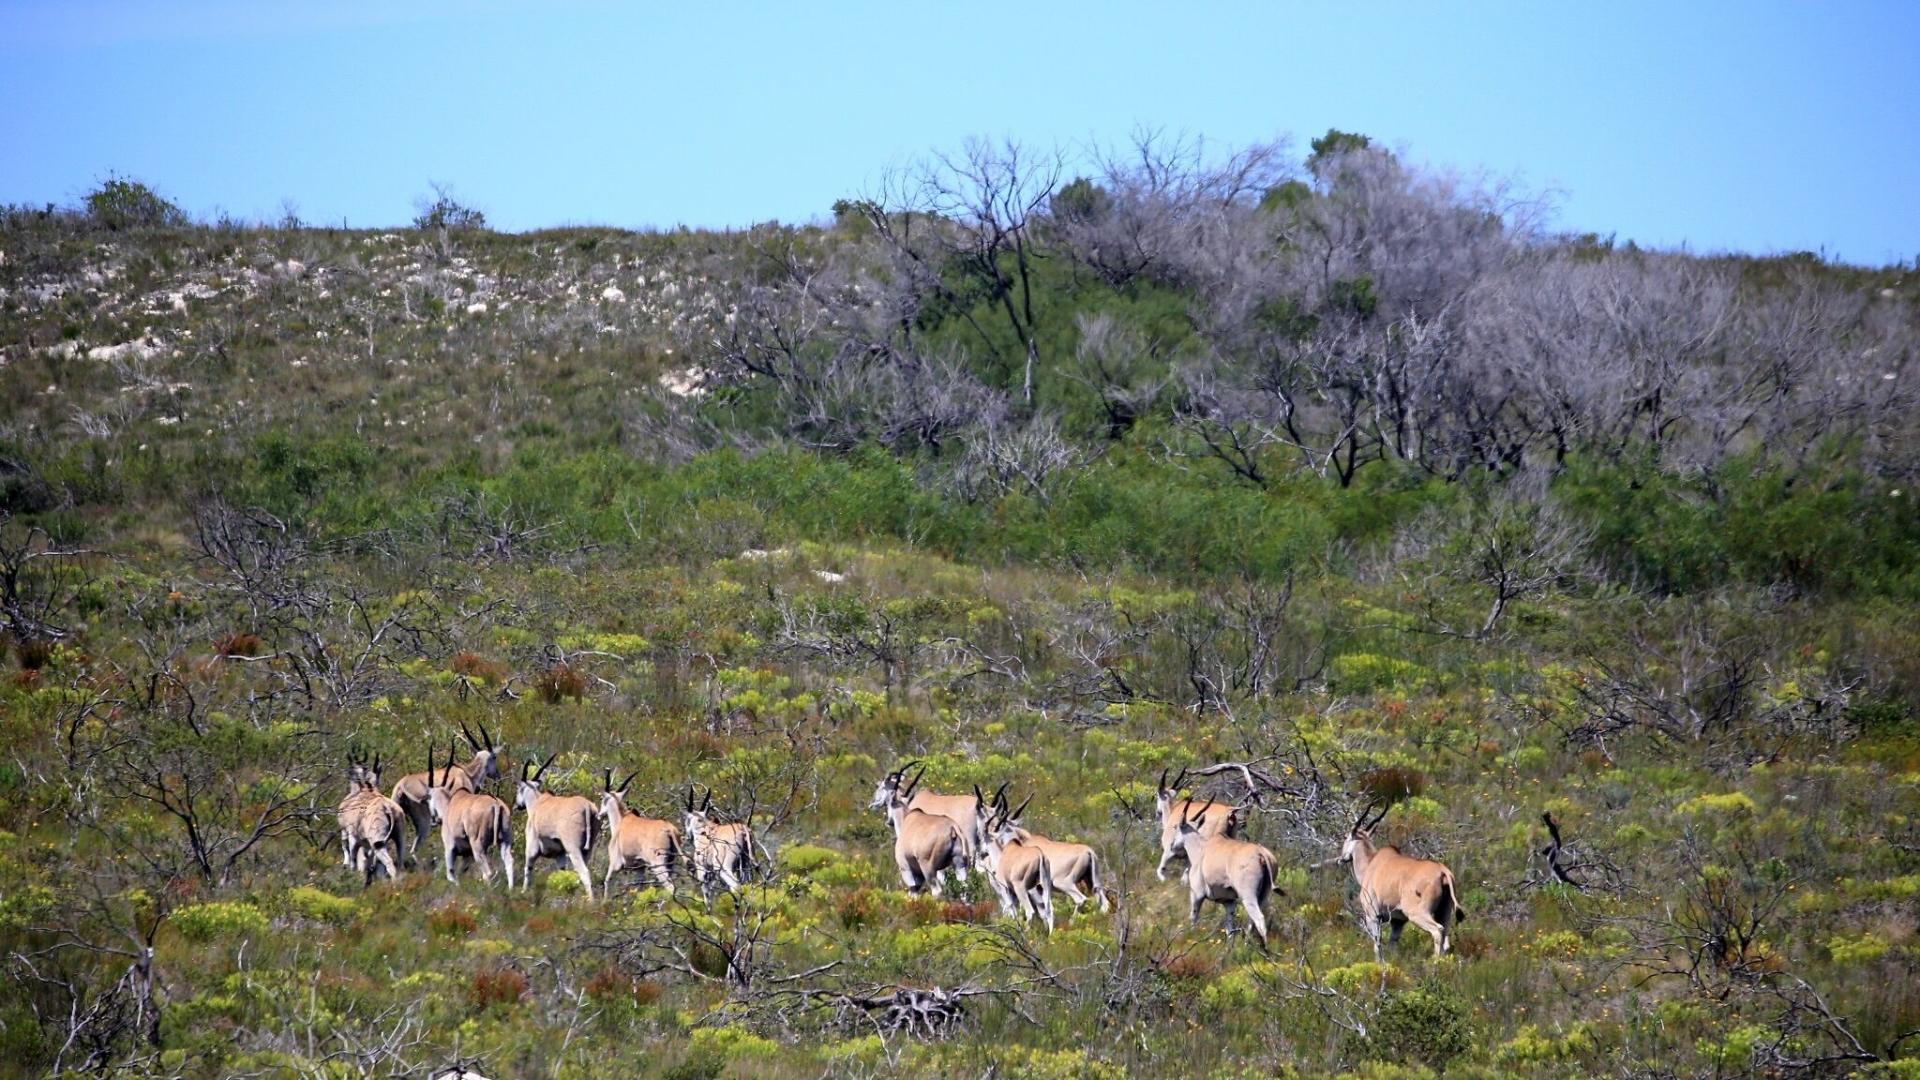 de-hoop-nature-reserve-zuid-afrika-elanden-.jpg